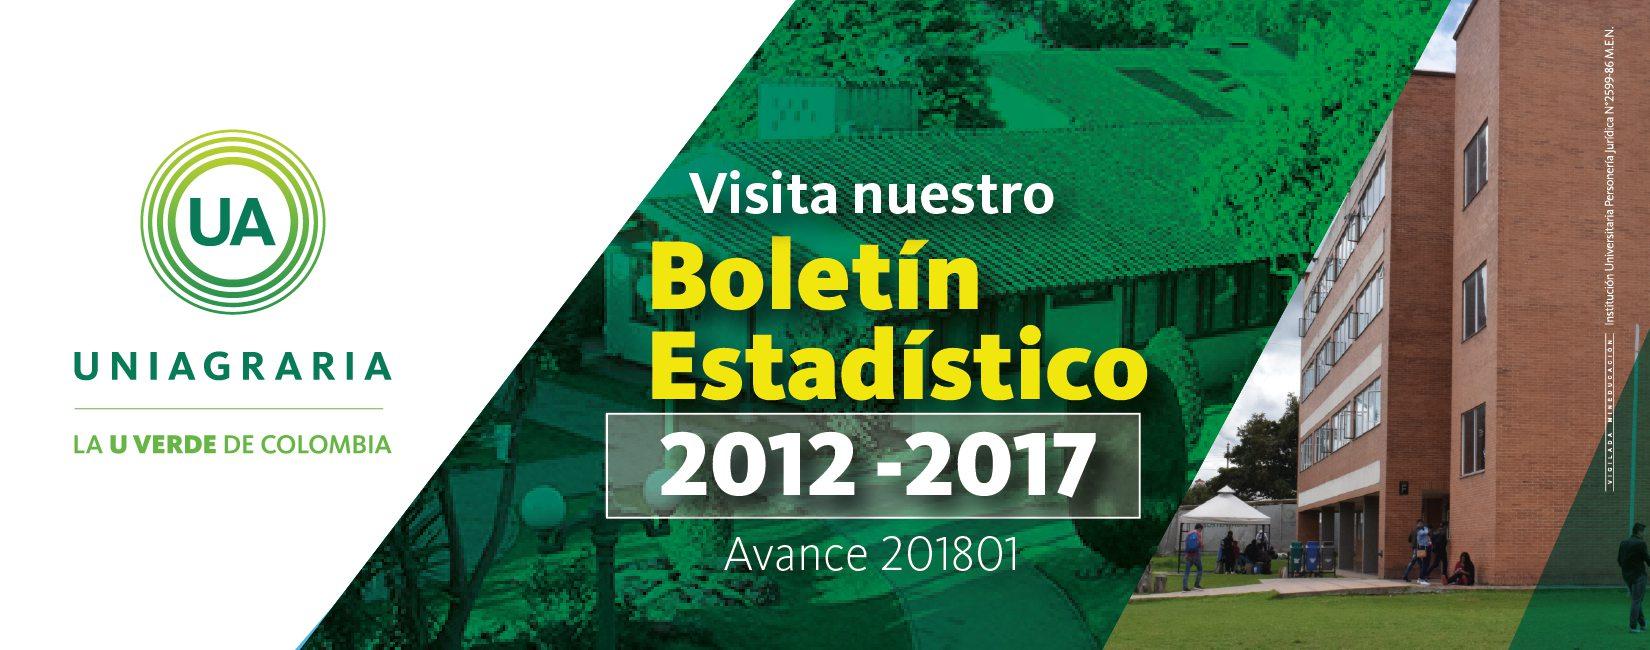 Visita nuestro boletín estadístico 2012-2017 (avance 2018-01)